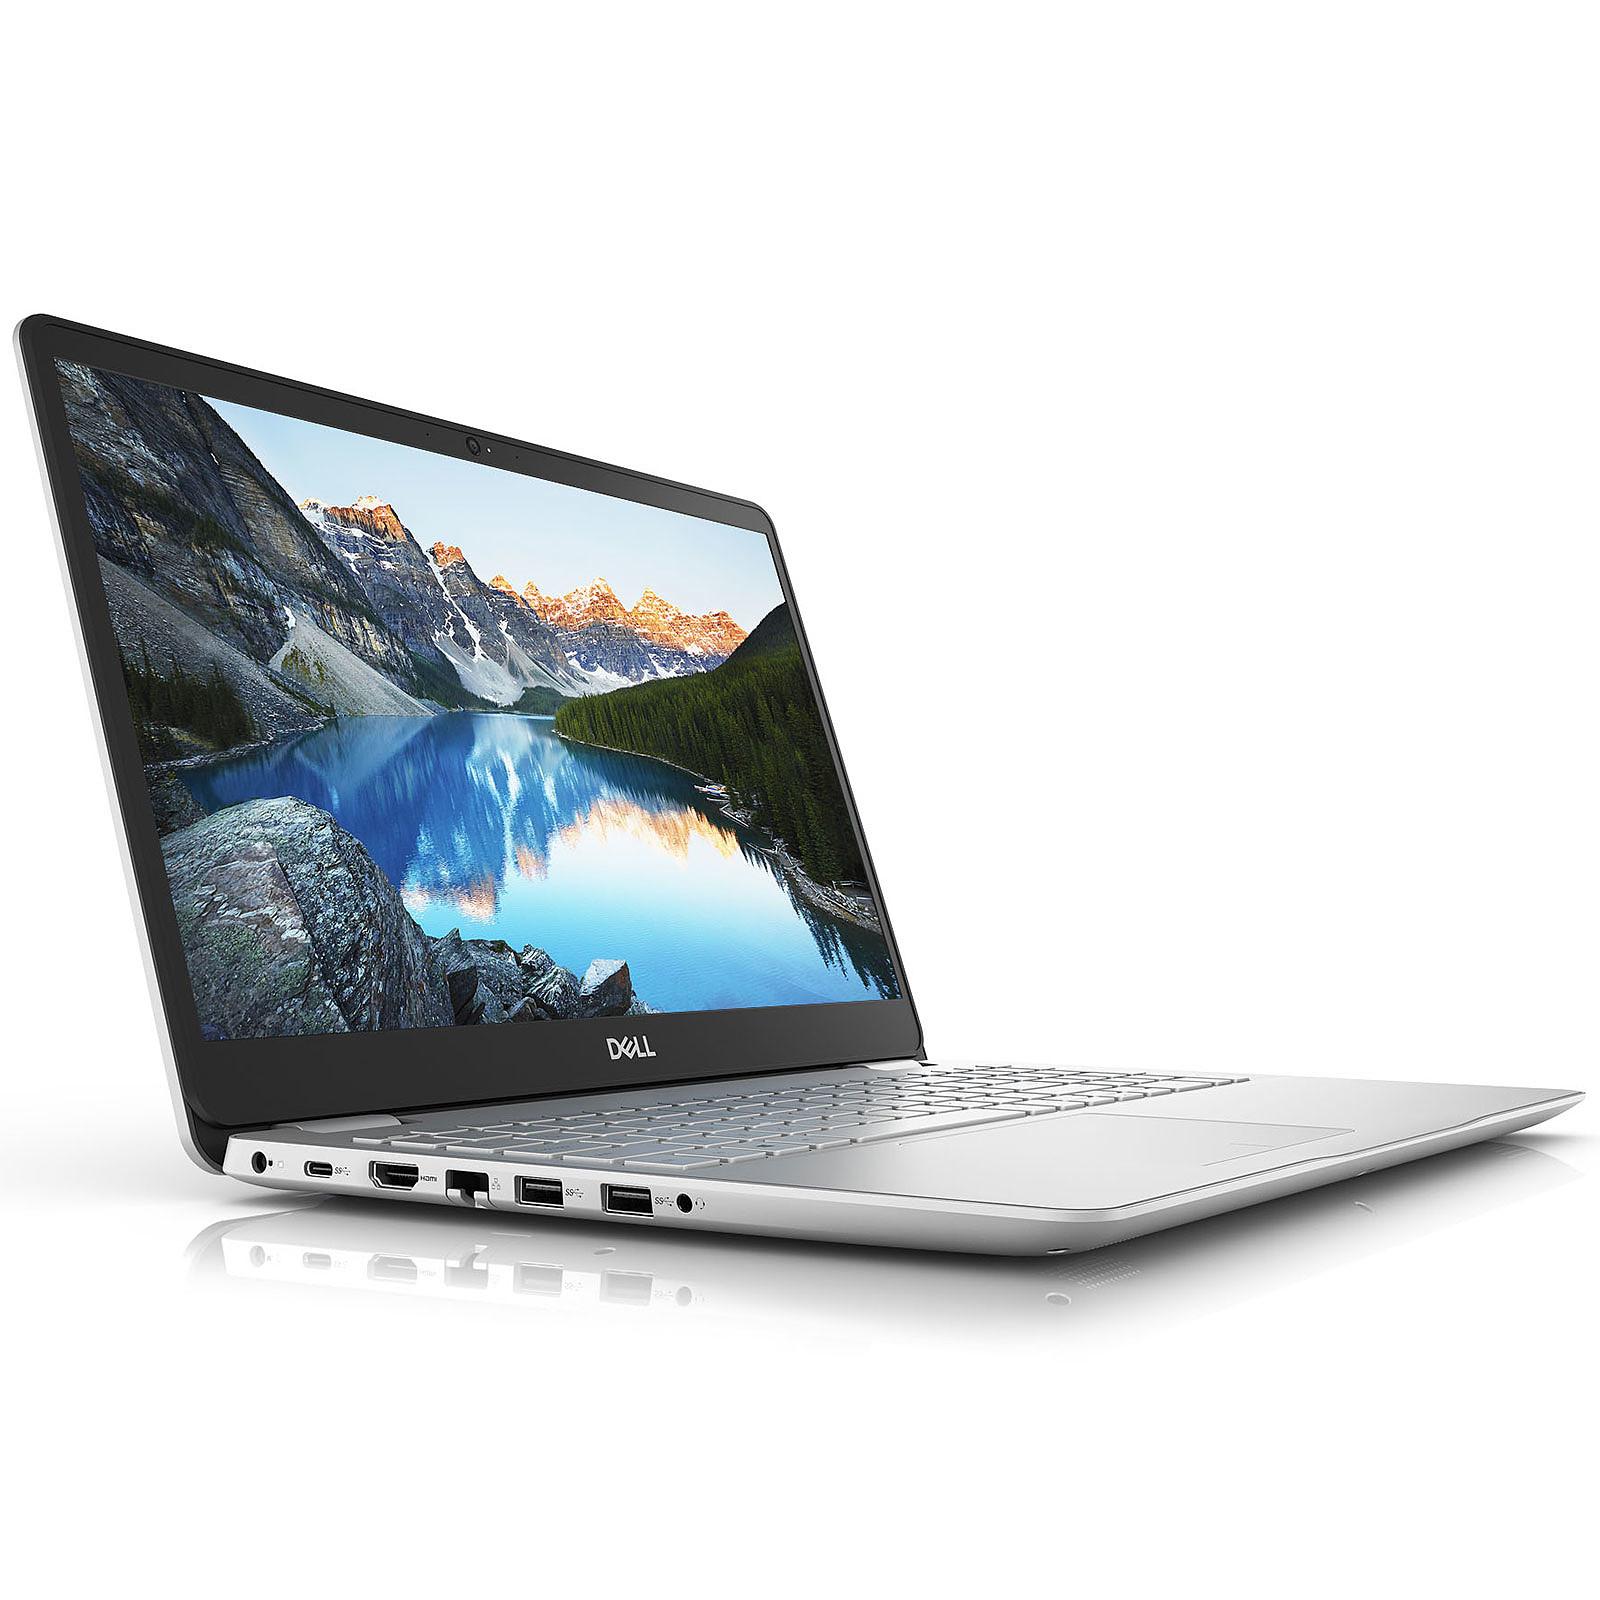 Dell Inspiron 15 5584 (6DNC1)